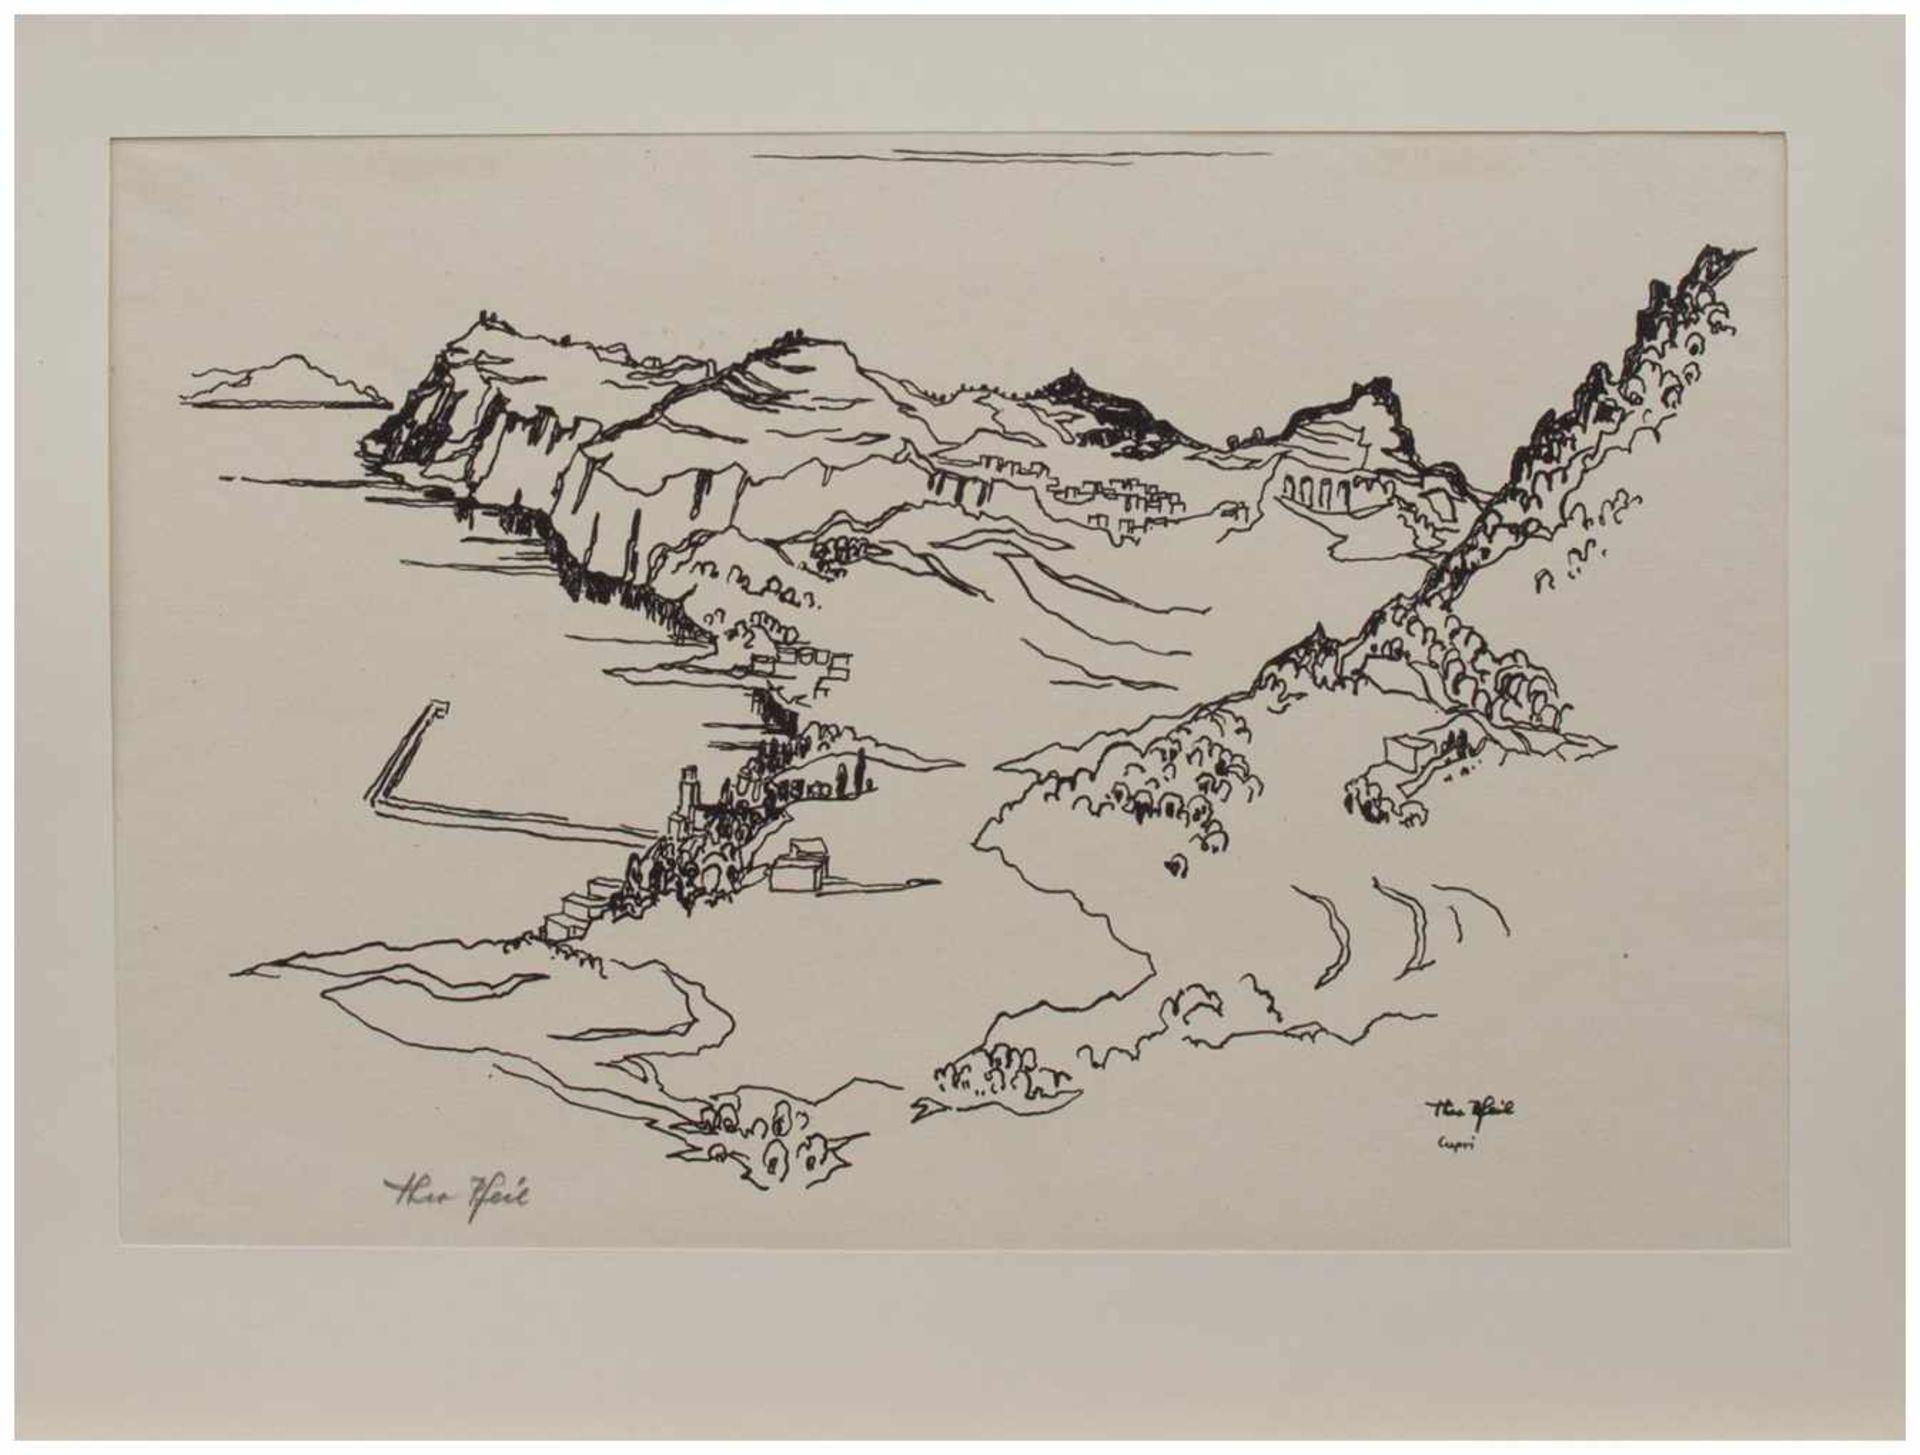 Los 25 - Theo Pfeil (Düren/ Rheinland 1903 - ?, deutscher Maler u. Grafiker, zahlreiche Reisen, lebte in